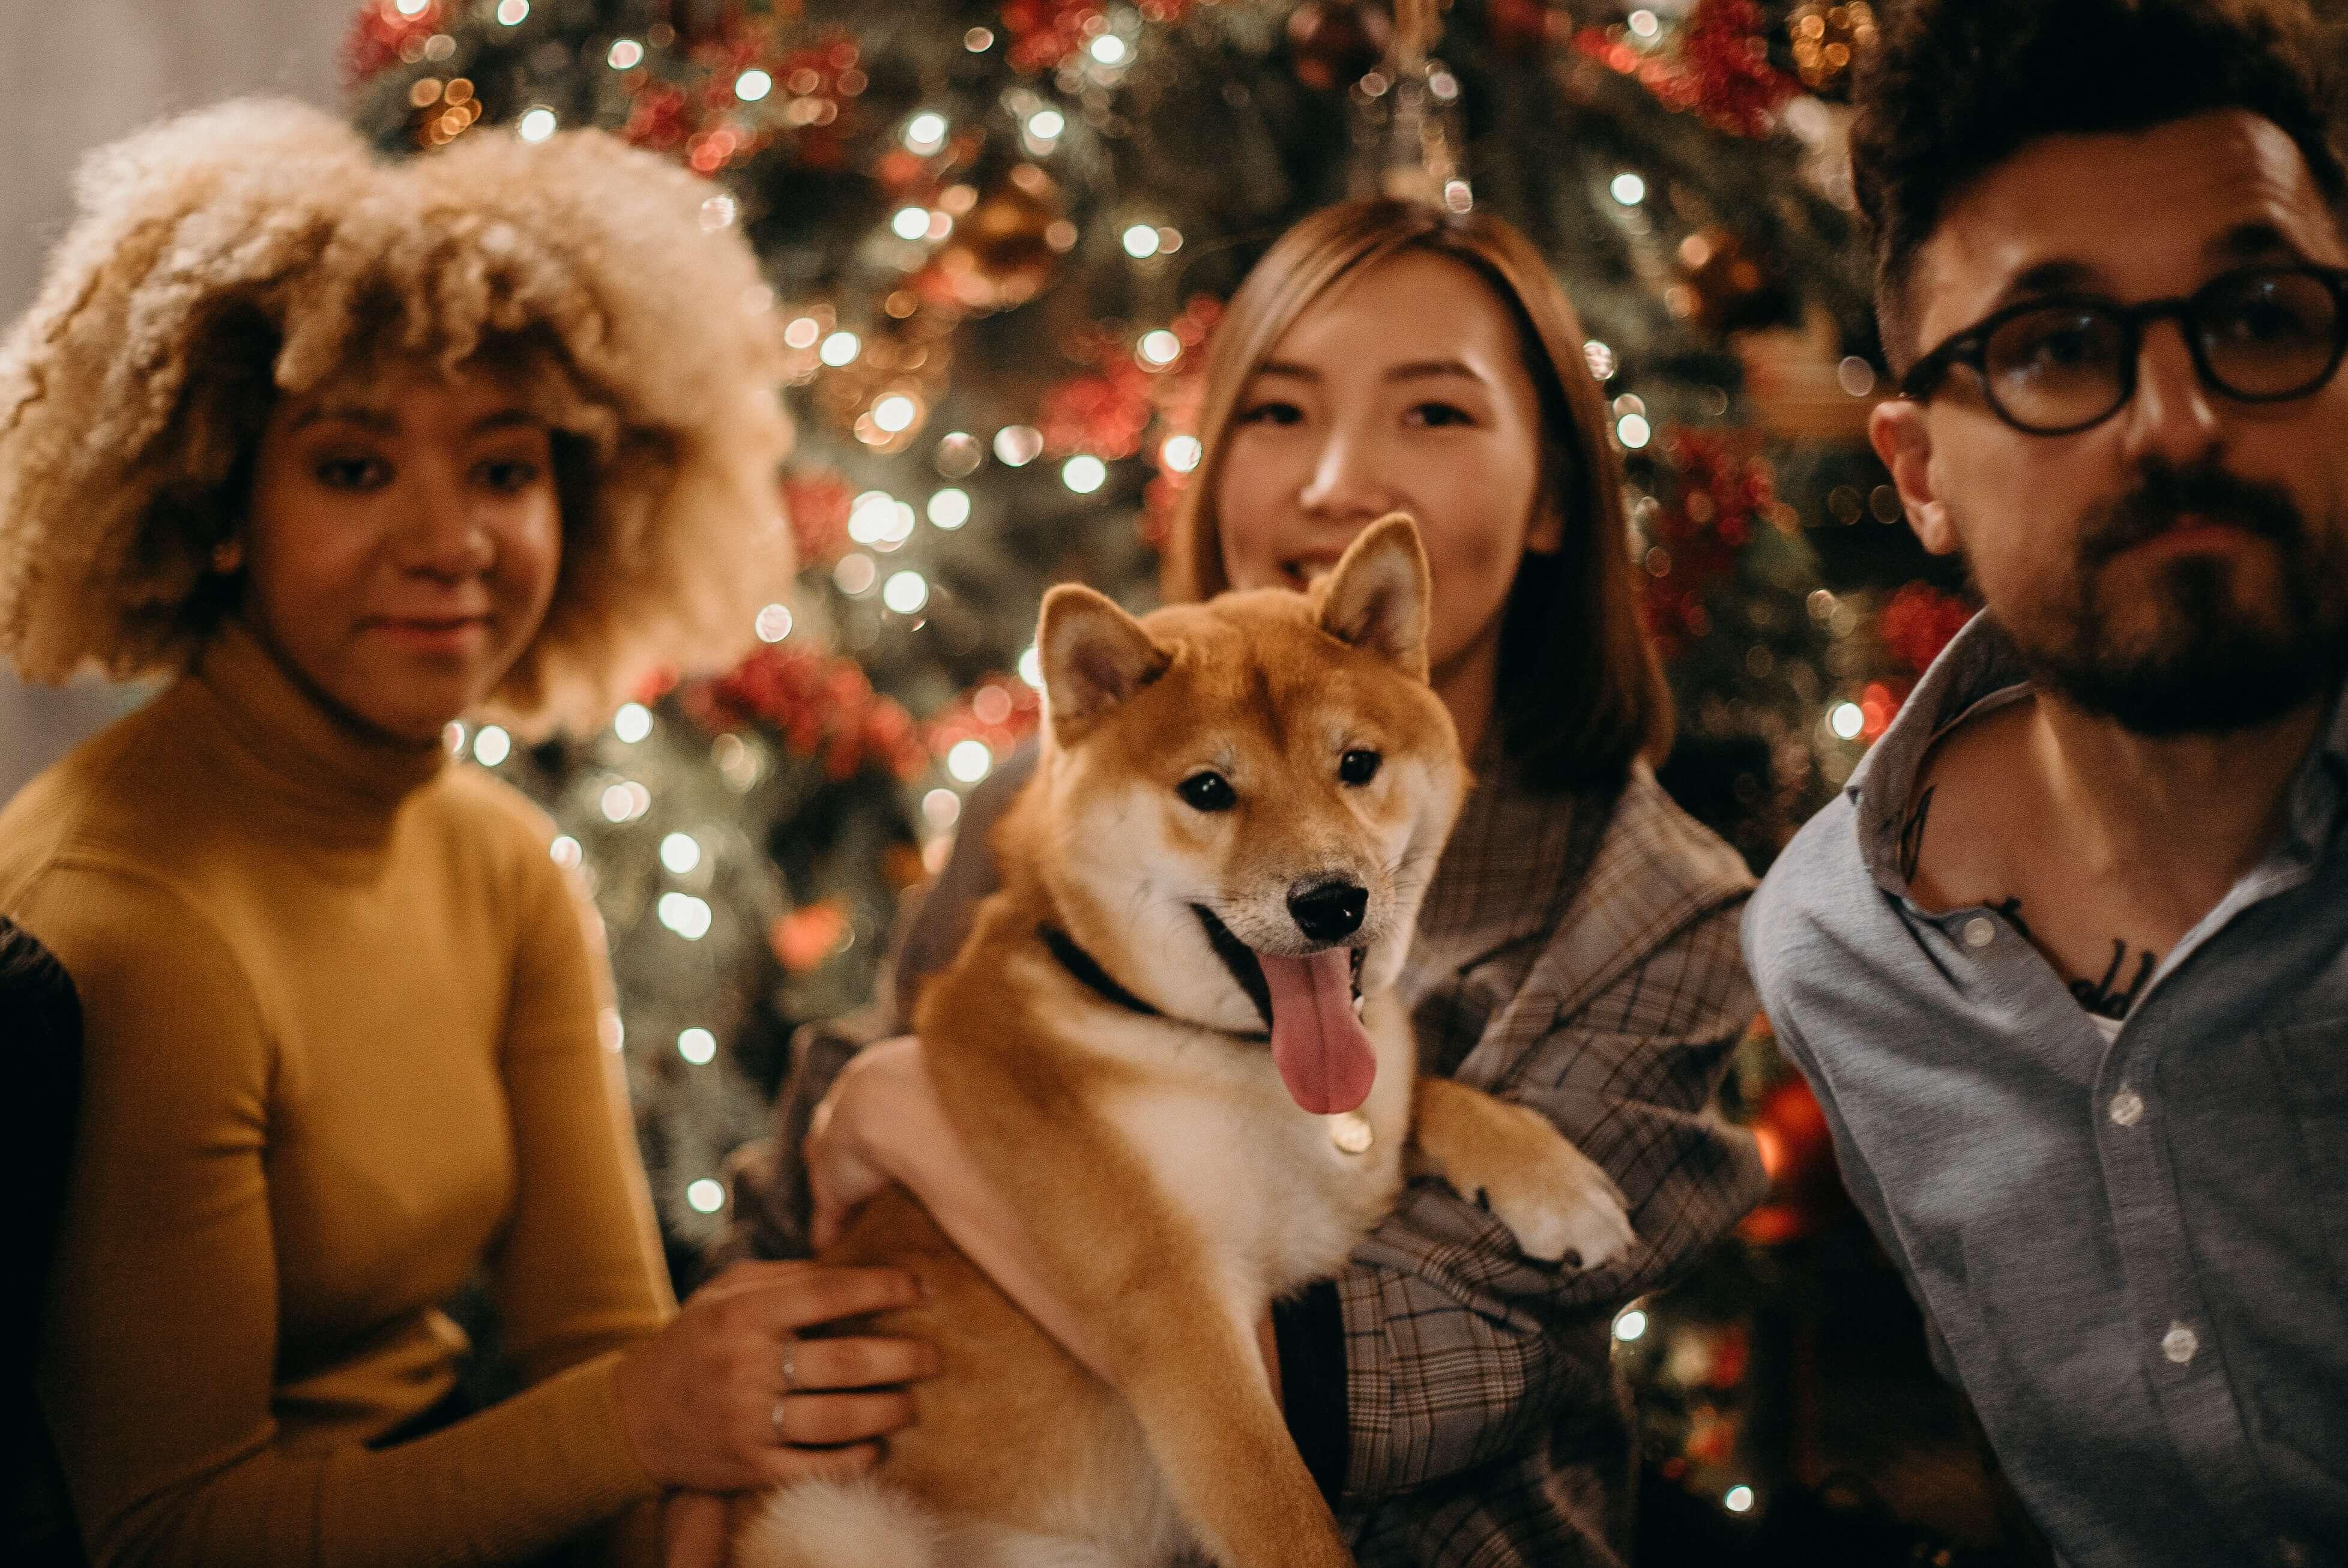 Vánoce a chlupatí kamarádi